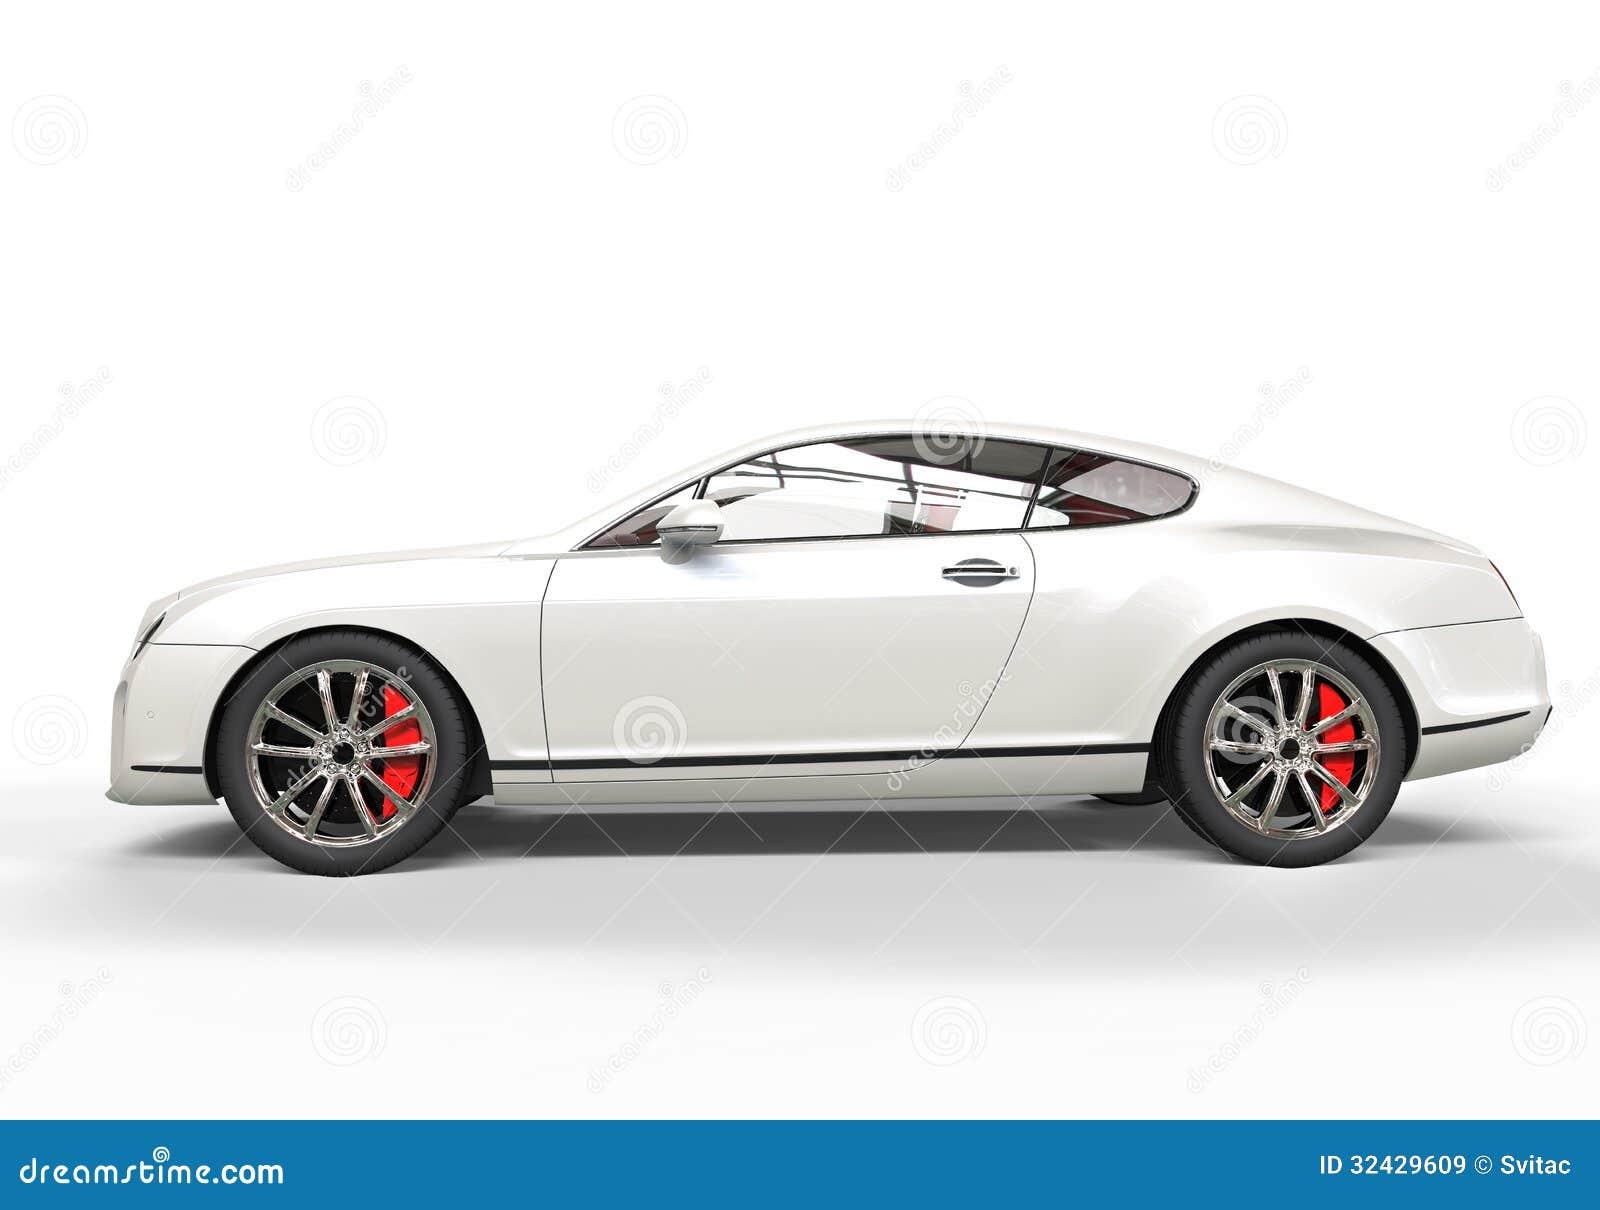 White Luxury Car Royalty Free Stock Images - Image: 32429609